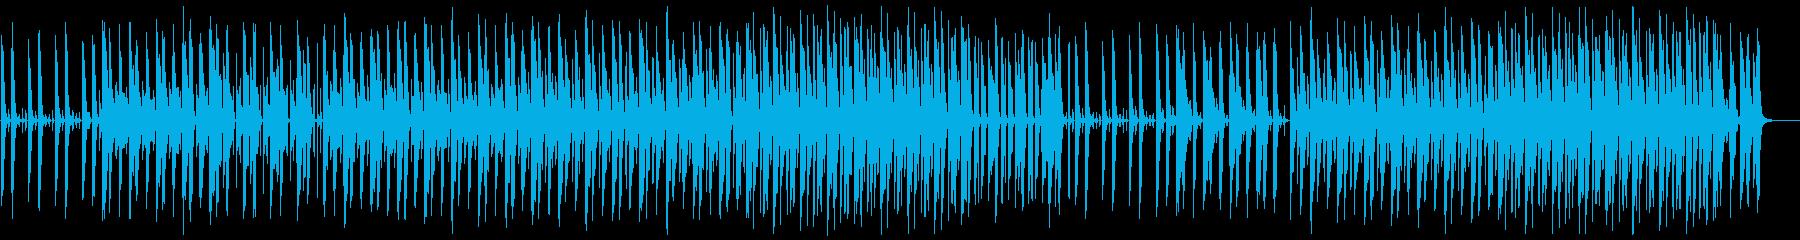 【メロ&ベース抜き】メディア流行クリーンの再生済みの波形